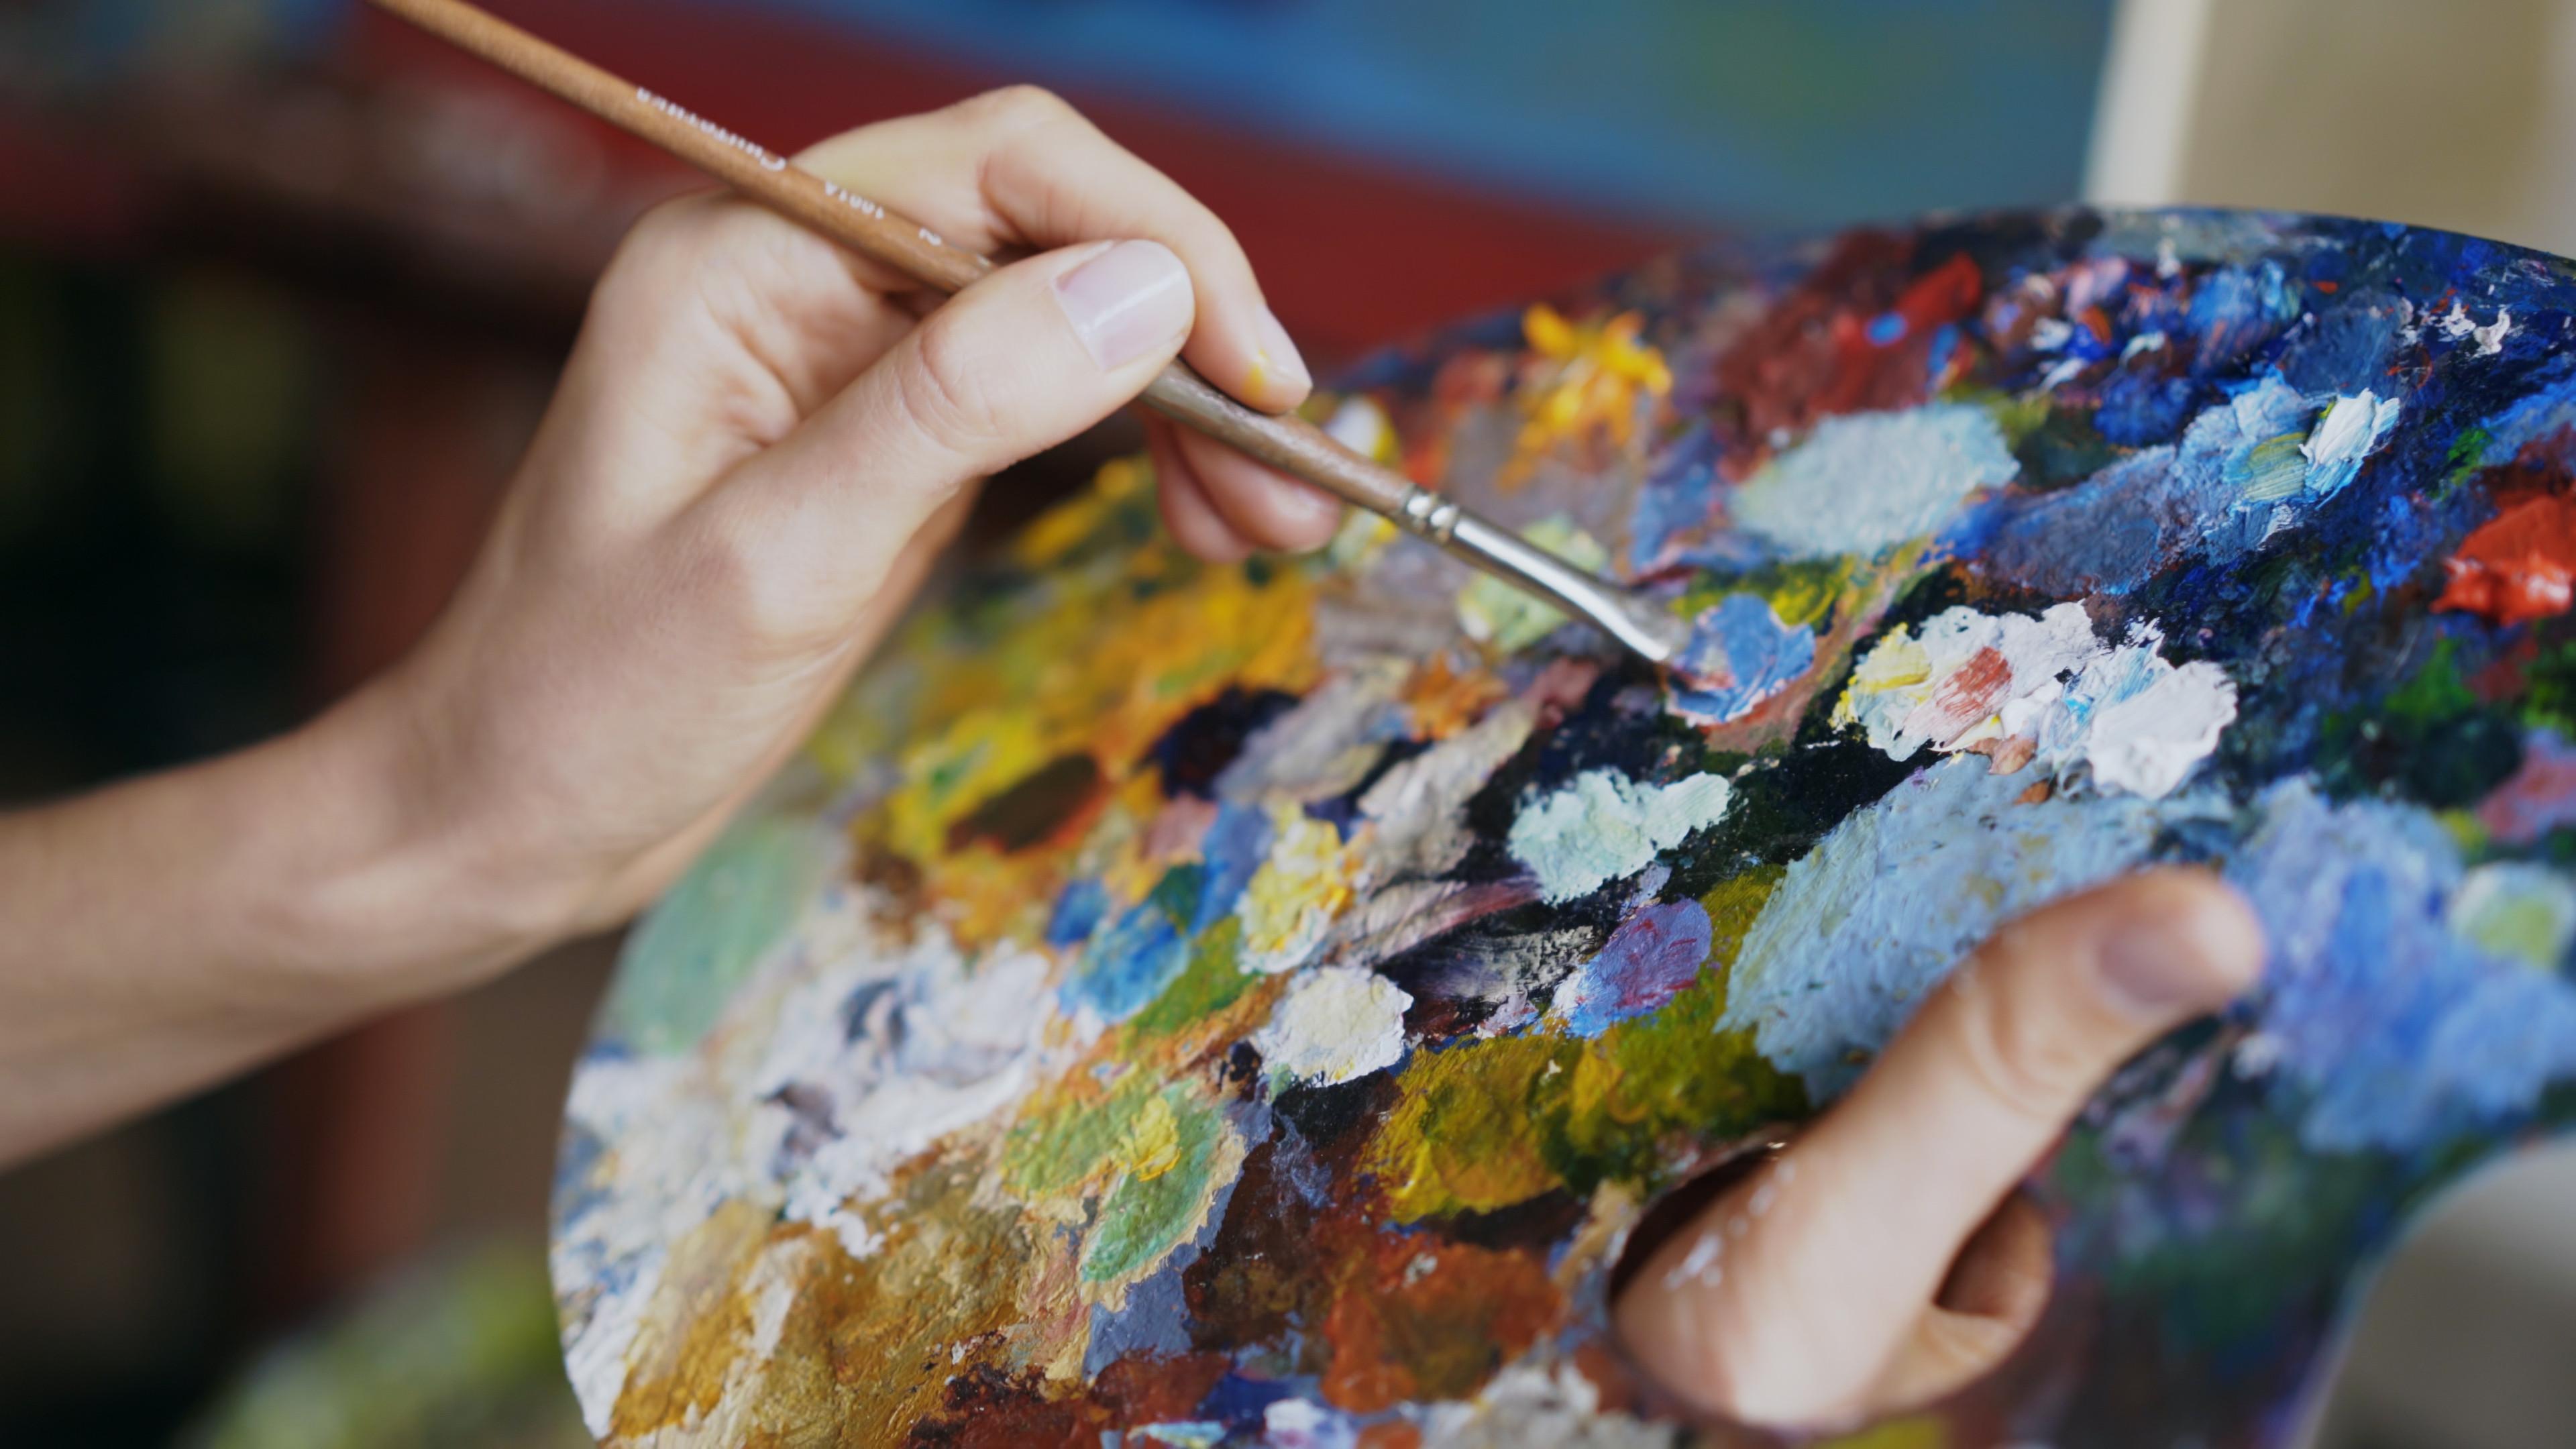 Atelier - Yorba Linda/Brea